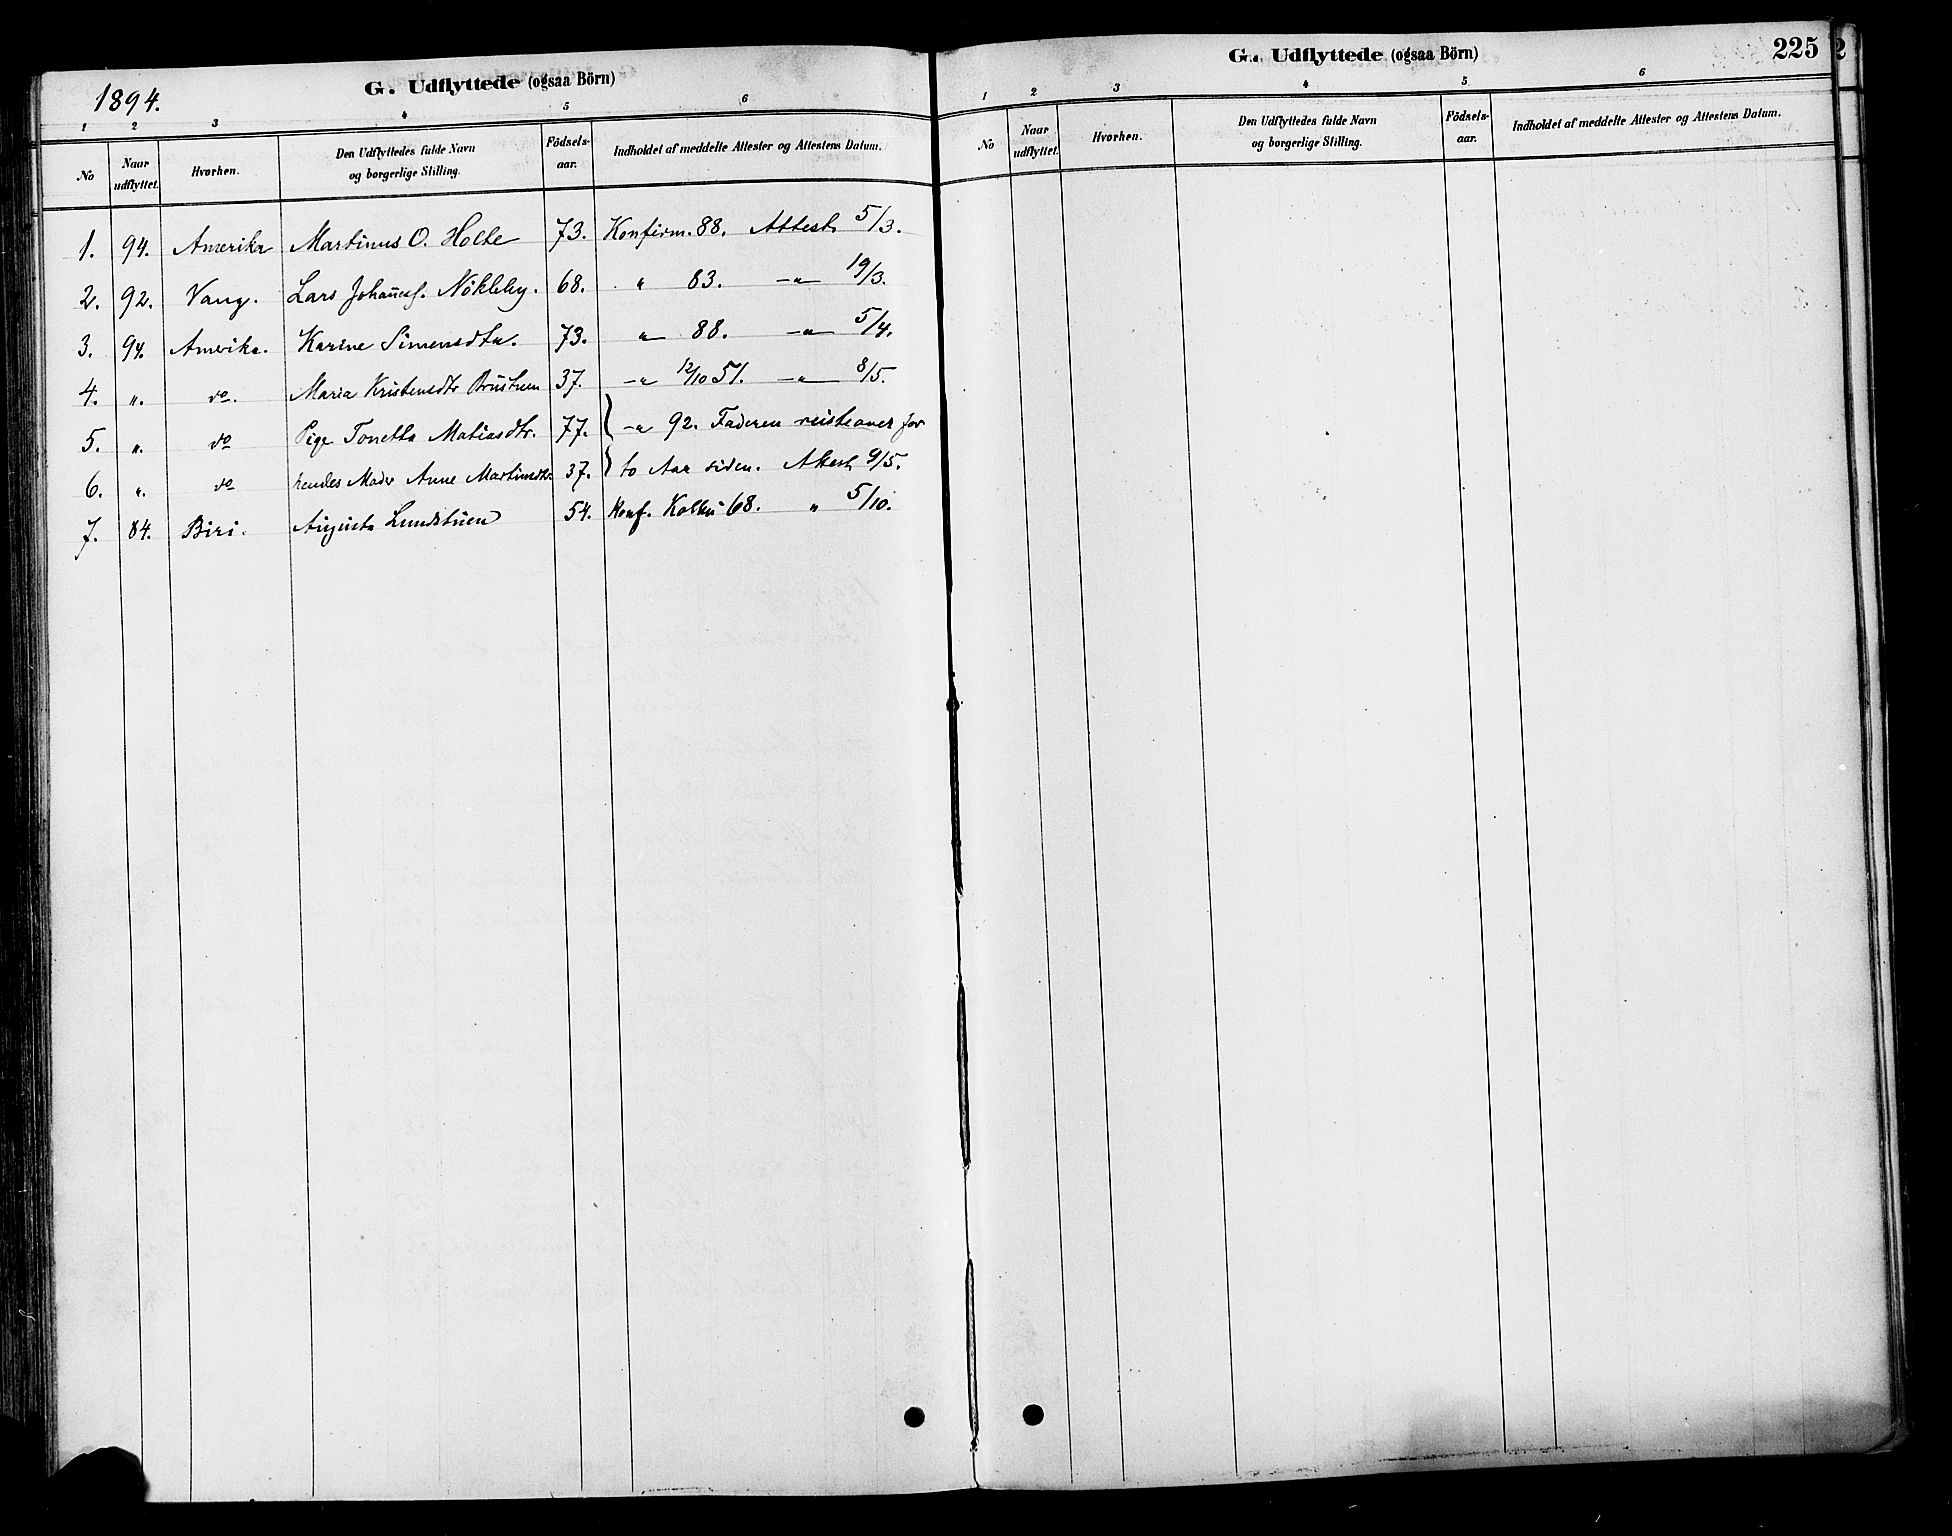 SAH, Vestre Toten prestekontor, Ministerialbok nr. 10, 1878-1894, s. 225